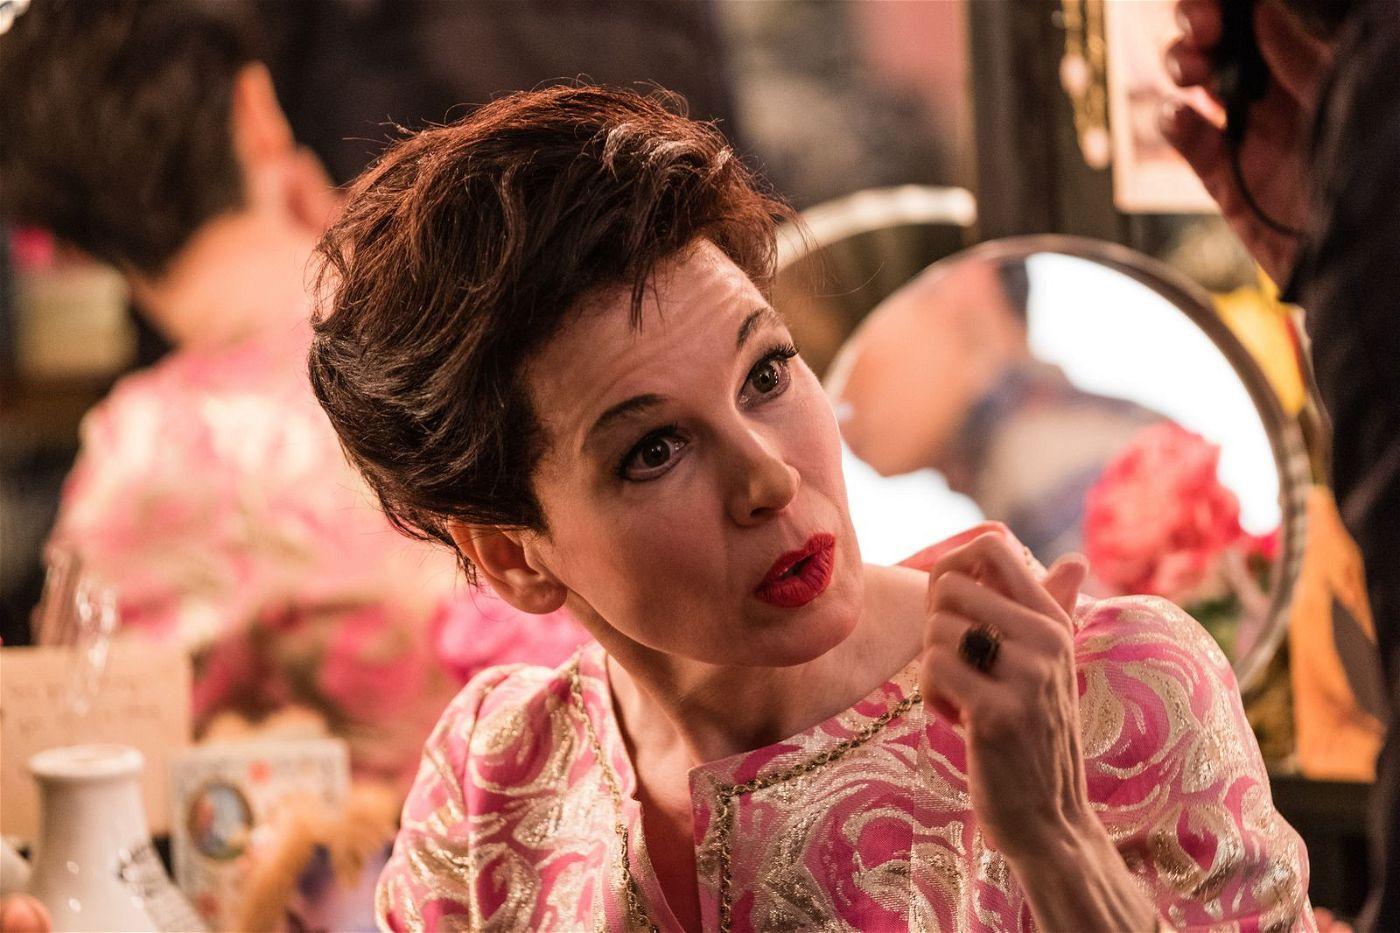 Ihr Leben war das Showbusiness: Judy Garland (Renée Zellweger) flog hoch und fiel tief.